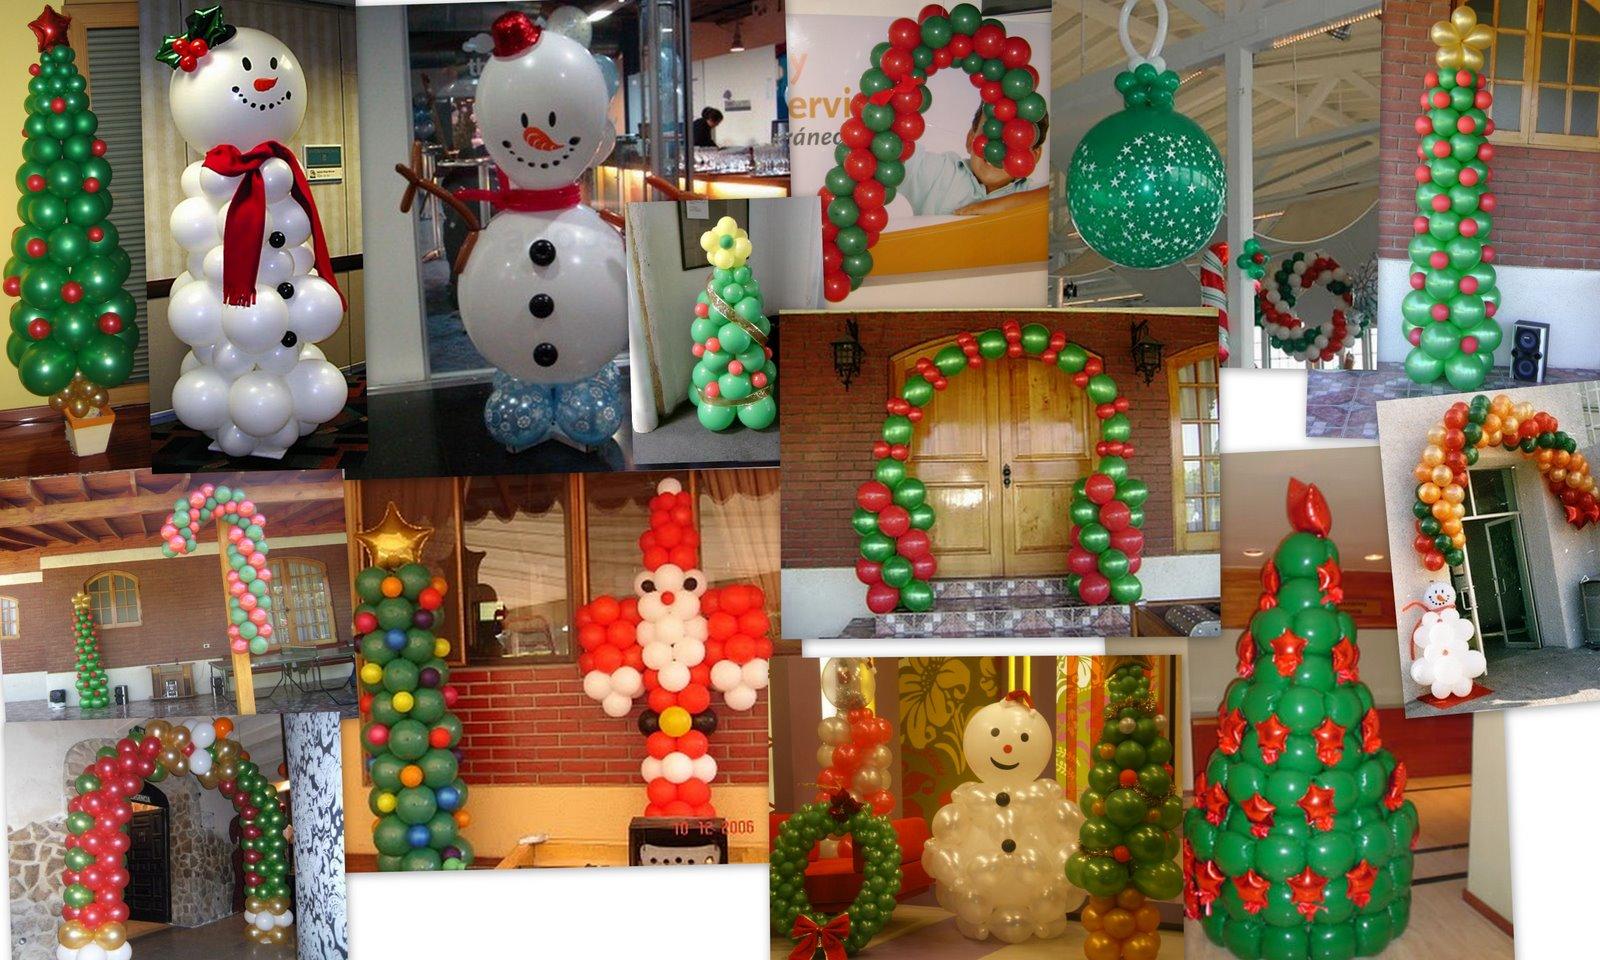 Deco globos any navidad - Decoracion navidena para negocios ...